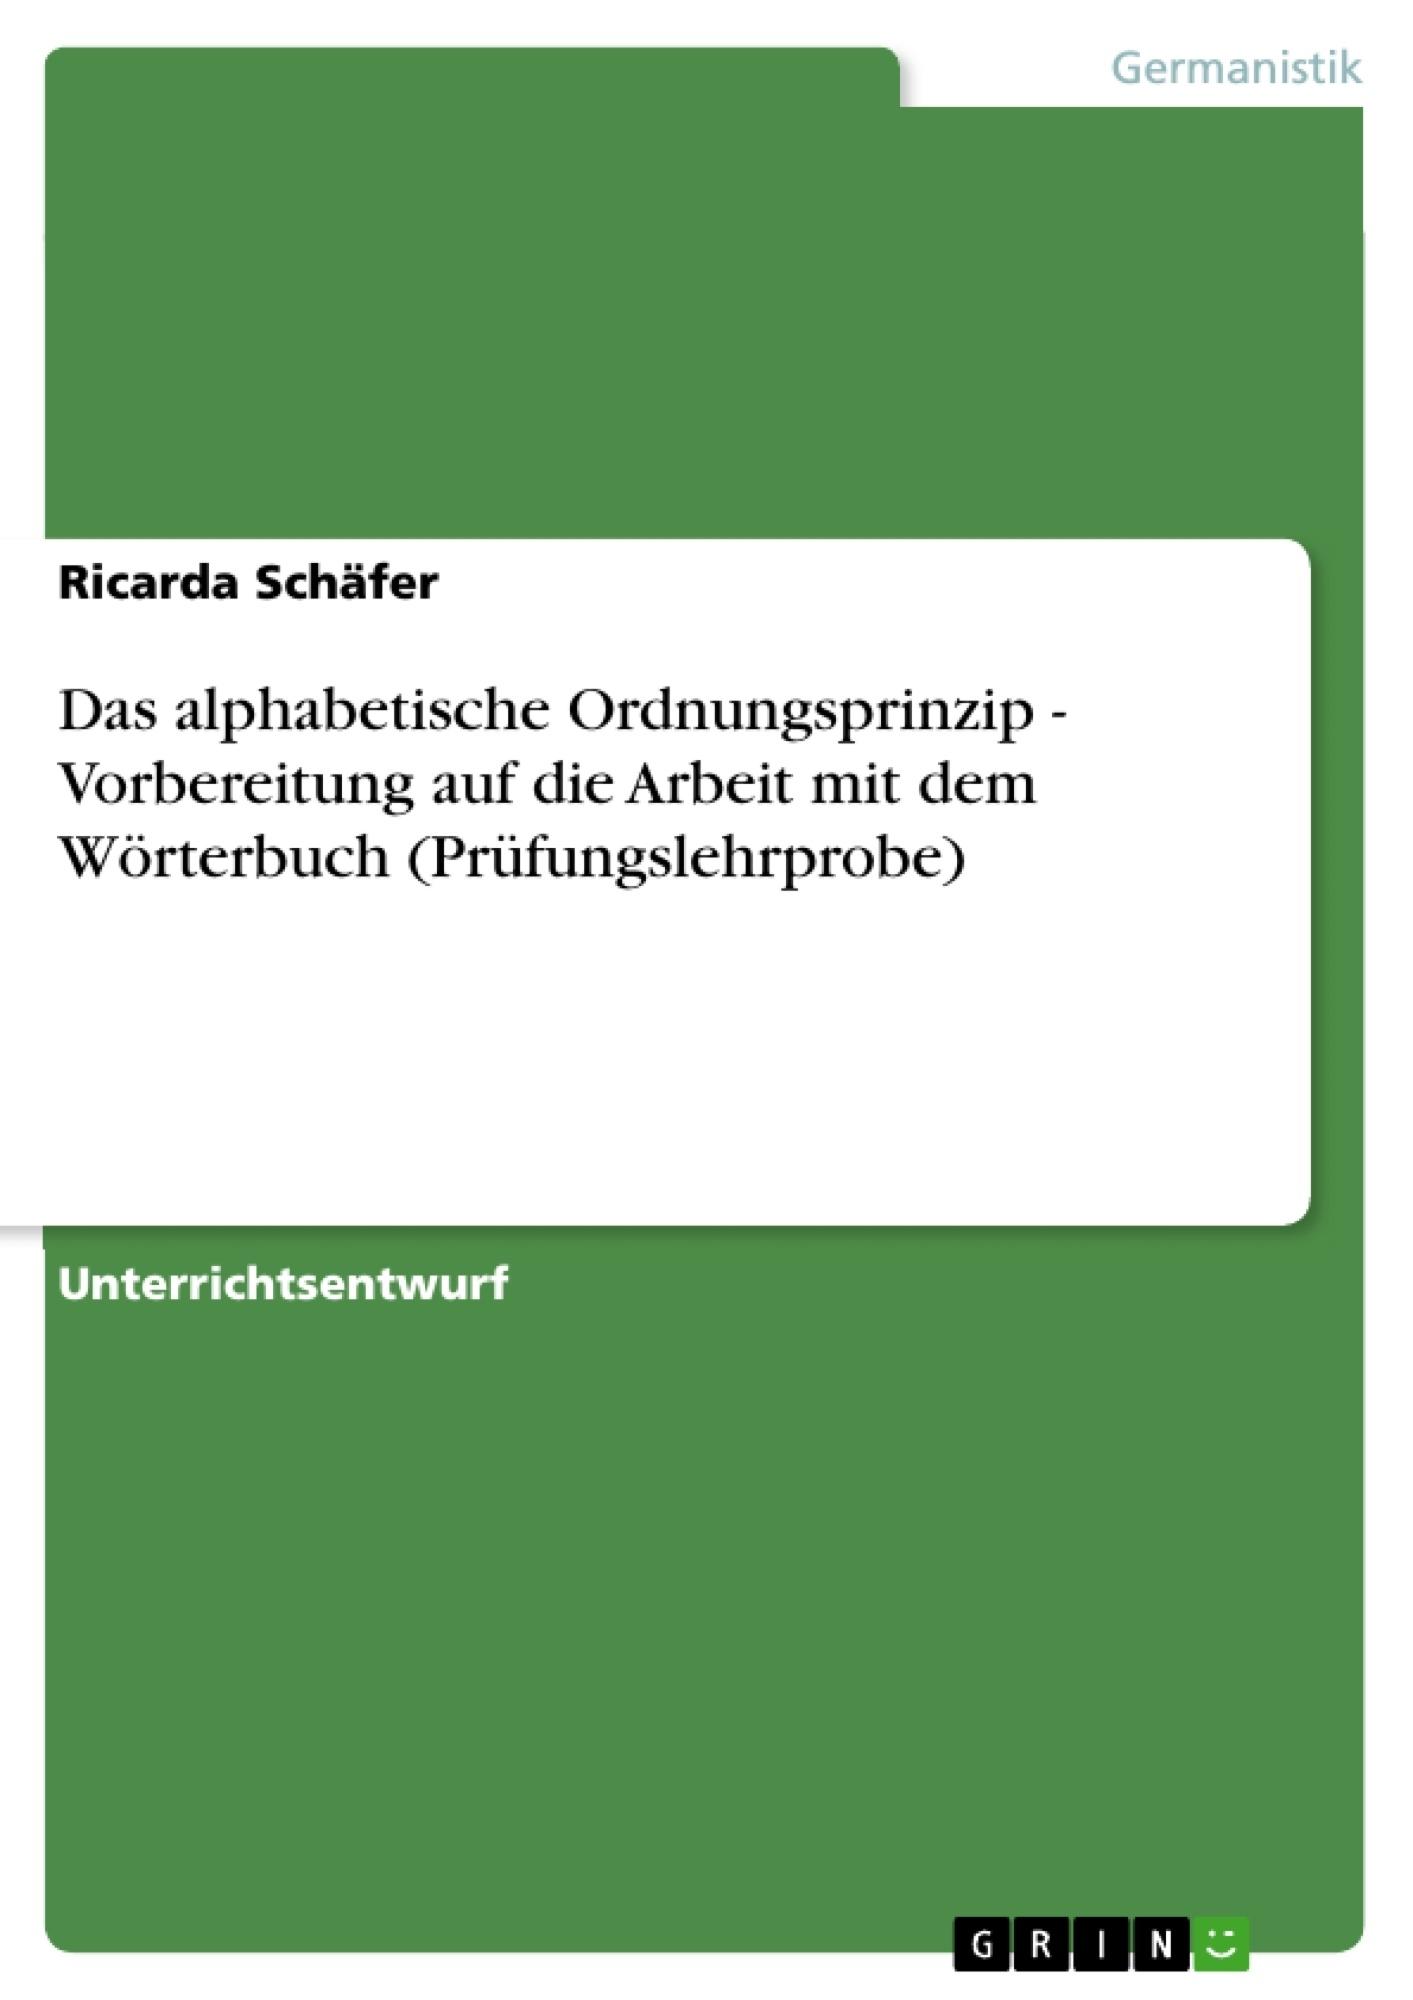 Titel: Das alphabetische Ordnungsprinzip - Vorbereitung auf die Arbeit mit dem Wörterbuch (Prüfungslehrprobe)